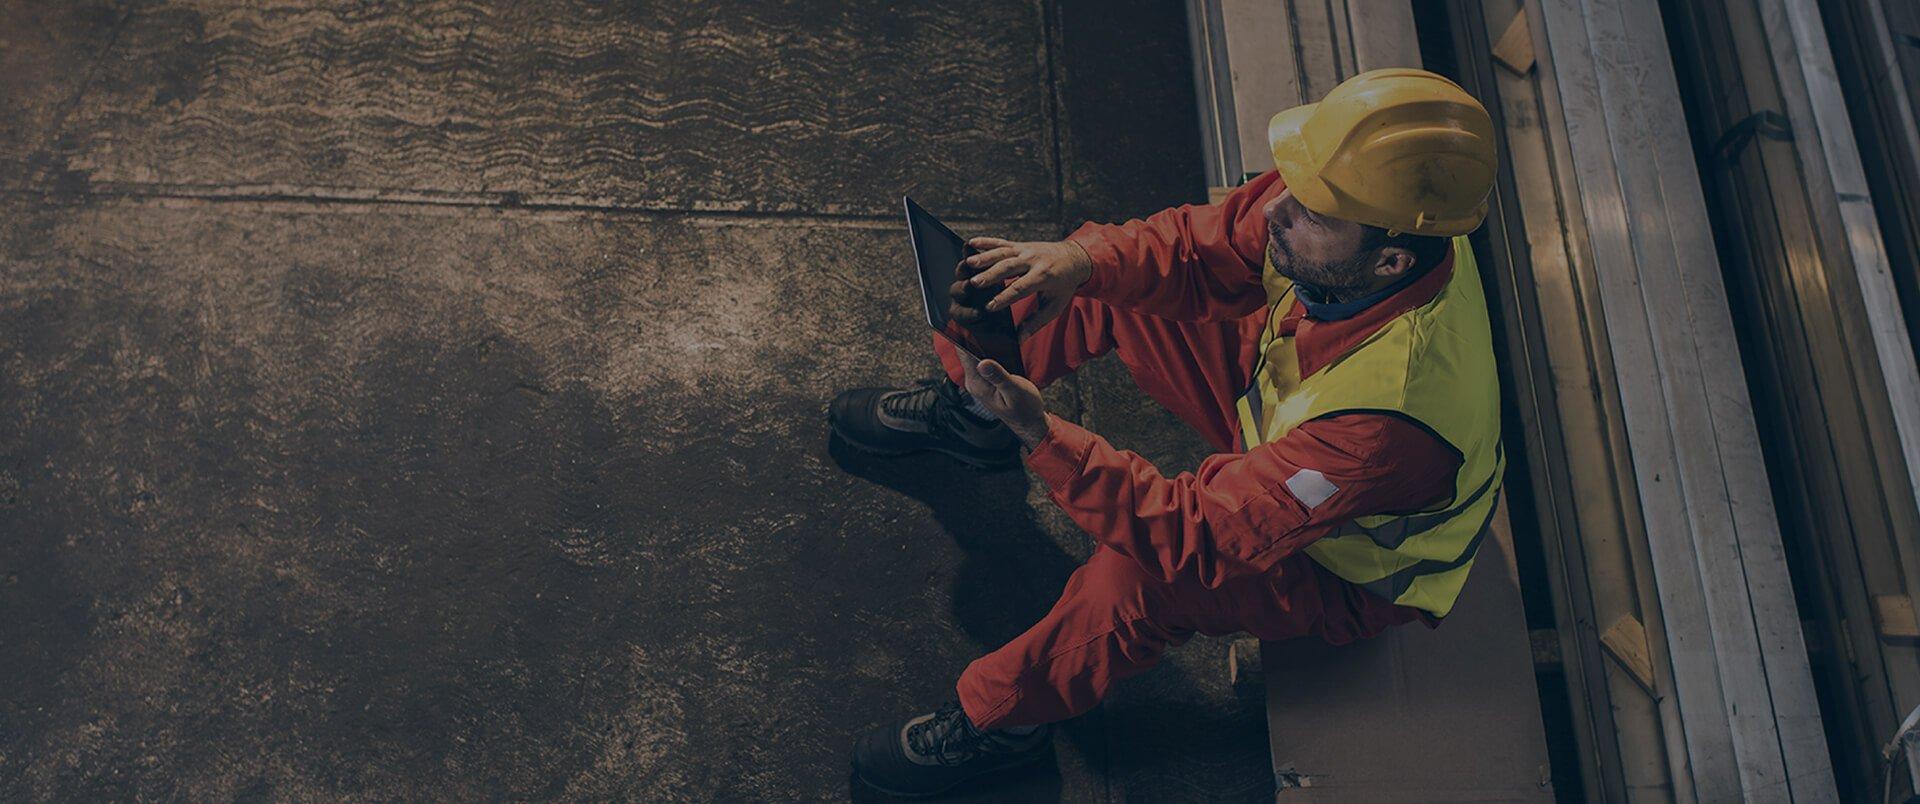 Ascensão na era digital: cenários e previsões para o uso da tecnologia na construção civil